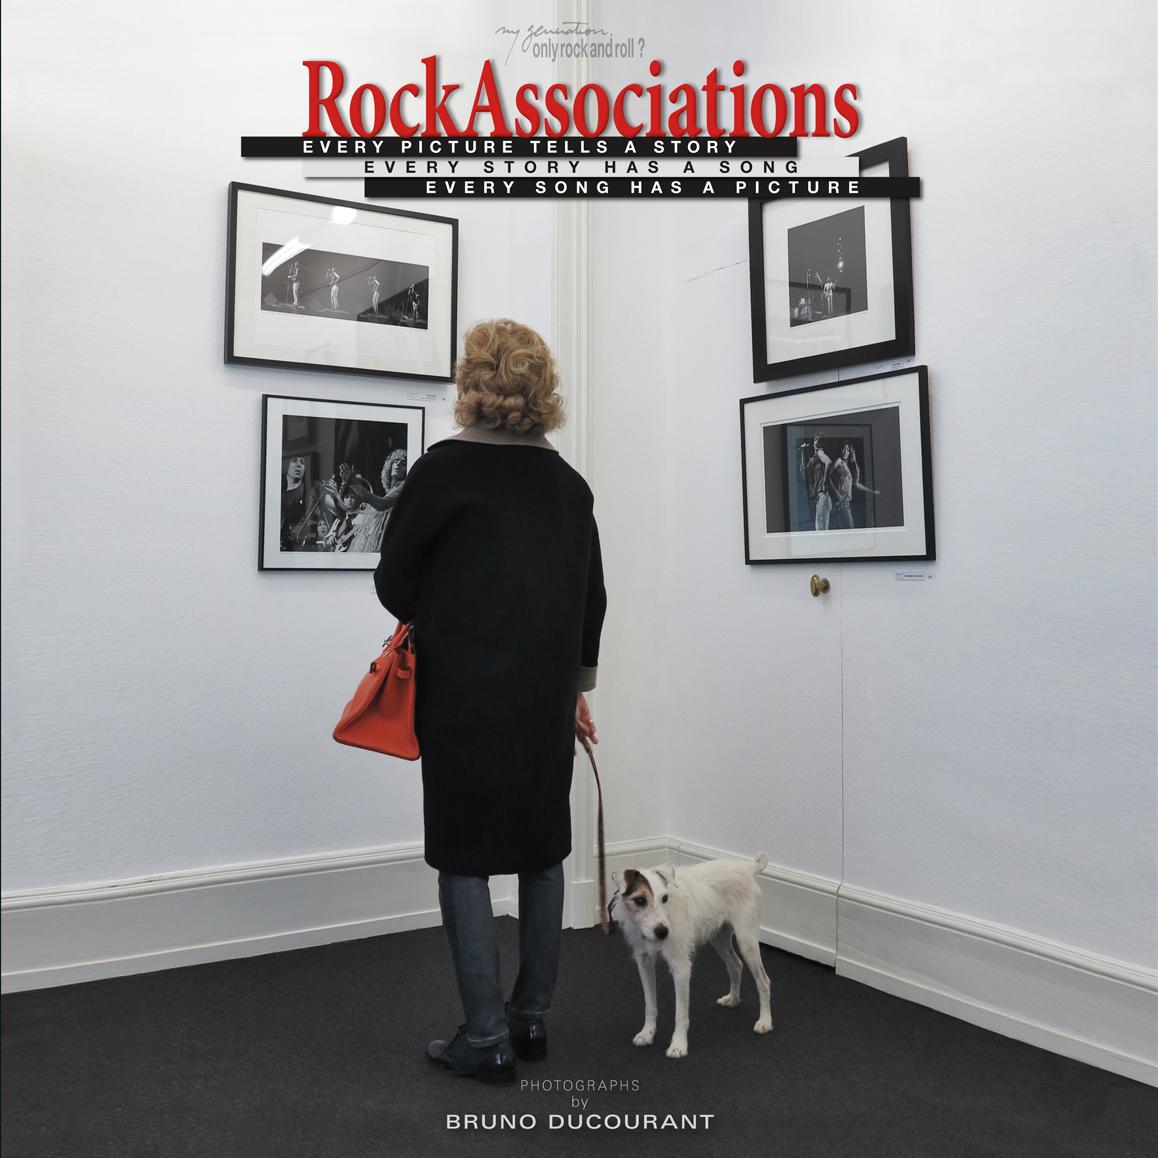 RockAssociations